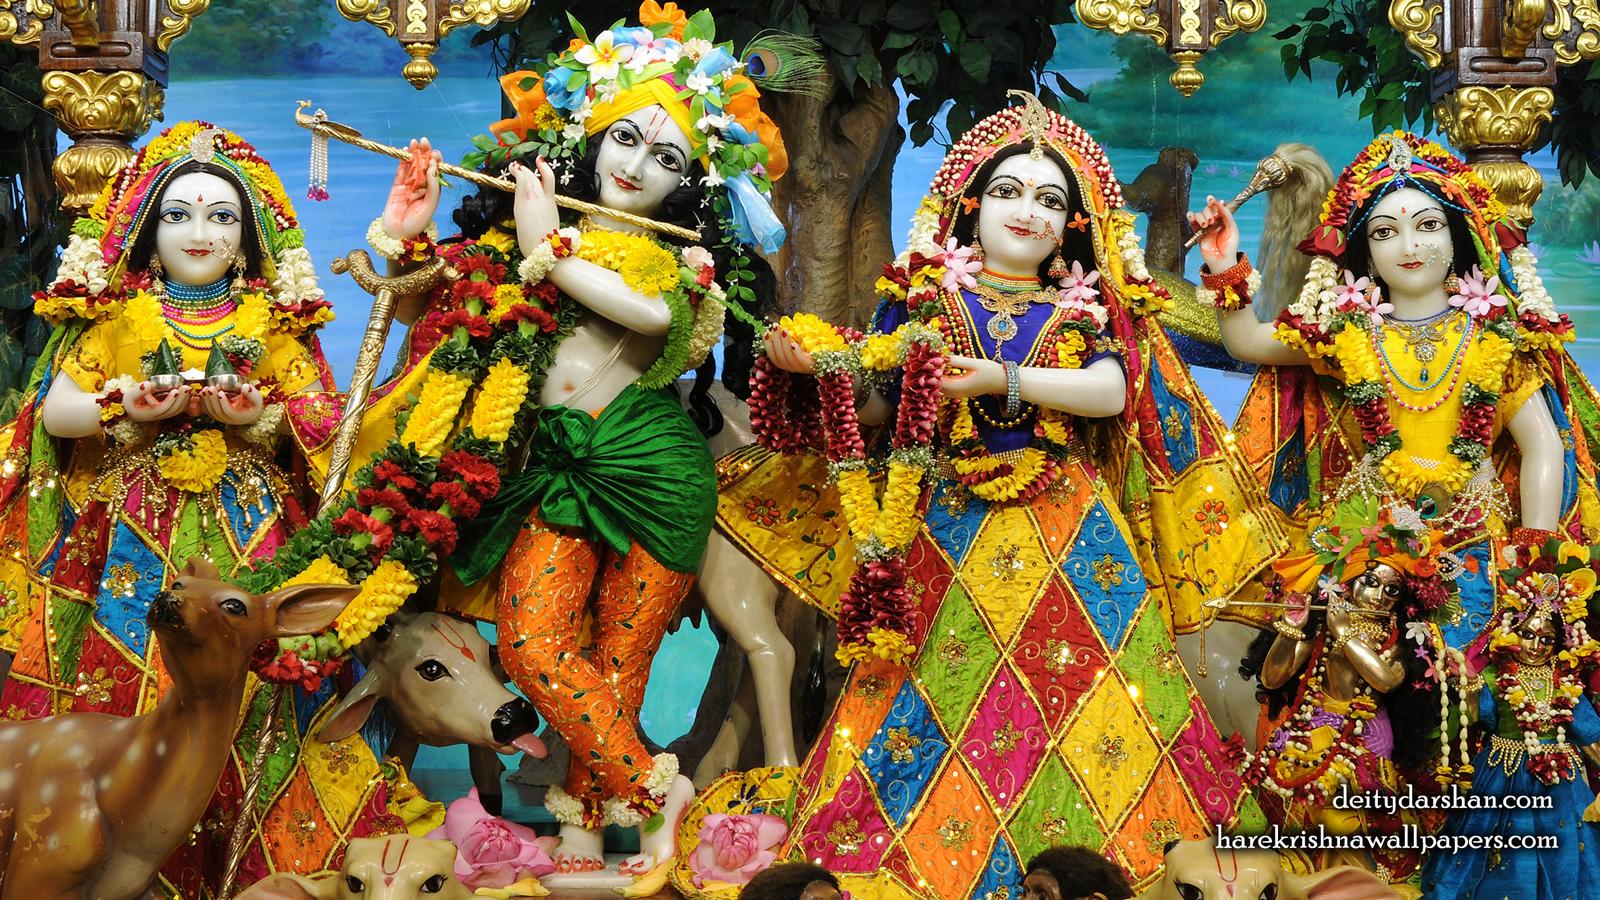 Sri Sri Radha Gopinath Lalita Vishakha Wallpaper (068) Size 1600x900 Download